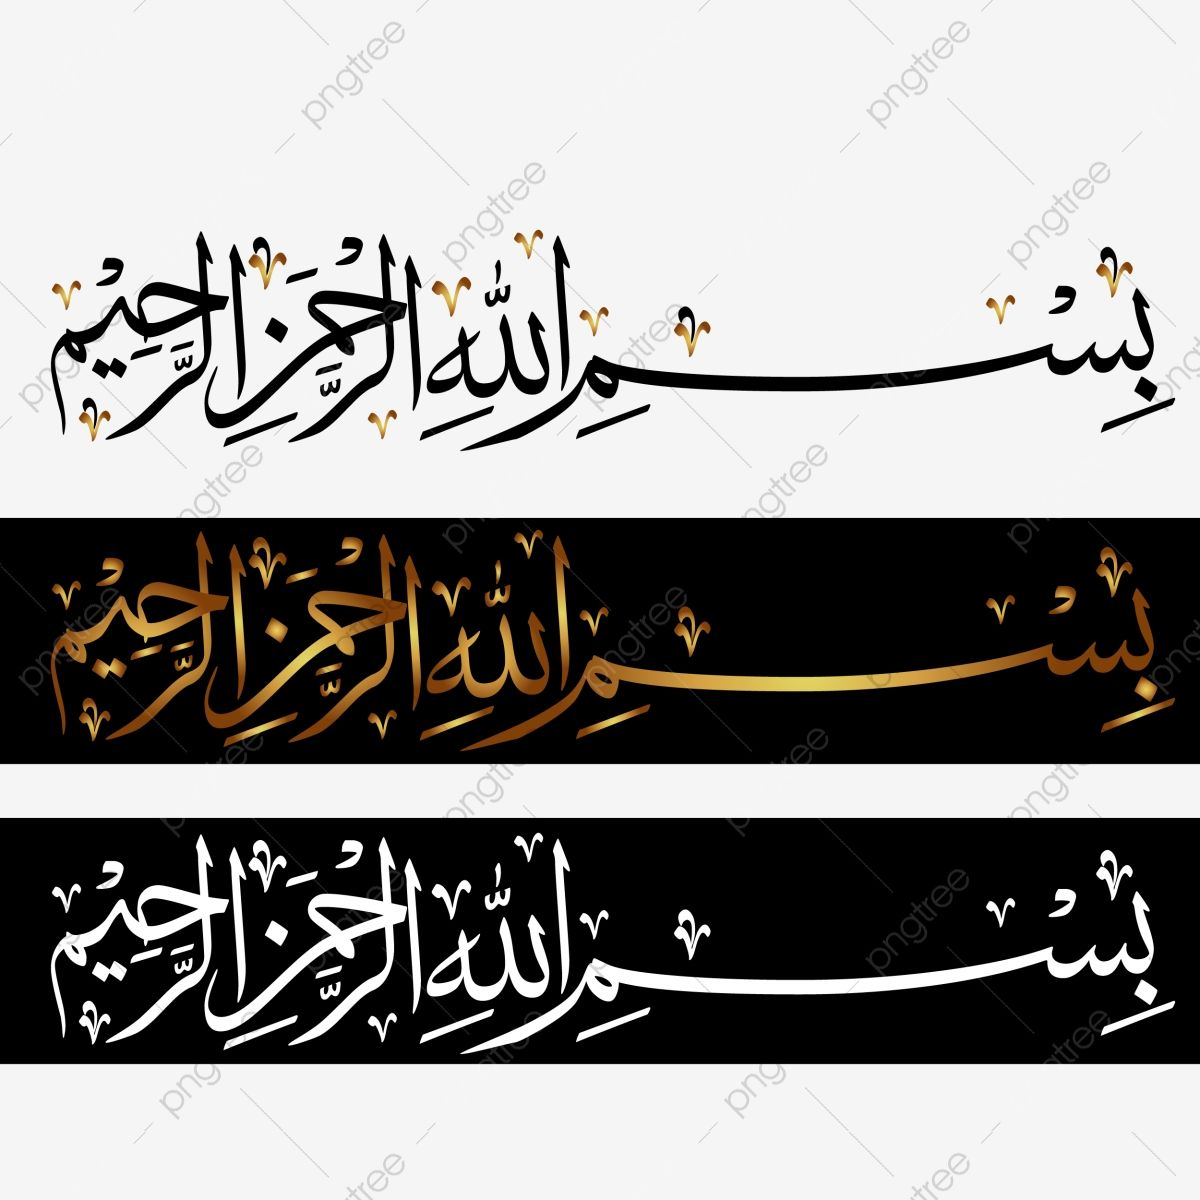 Bismillah Desing Calligraphy Png Bismillah Bismillah Png Bismillah Transparent Png And Vector With Transparent Background For Free Download Png Calligraphy Arabic Calligraphy Design